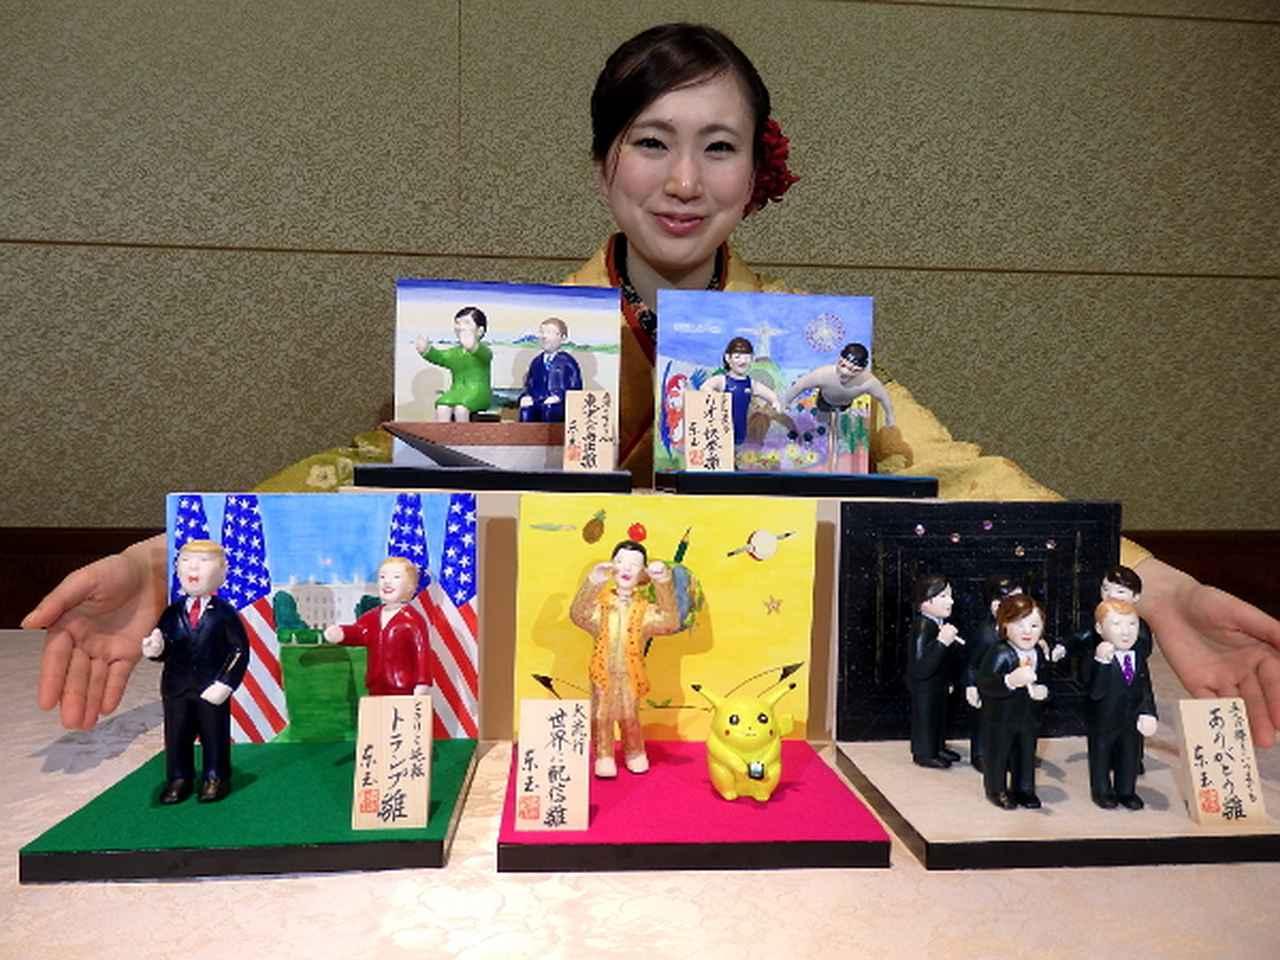 画像: リオ五輪、東京五輪、あの5人組も登場!世相を映す変わり雛